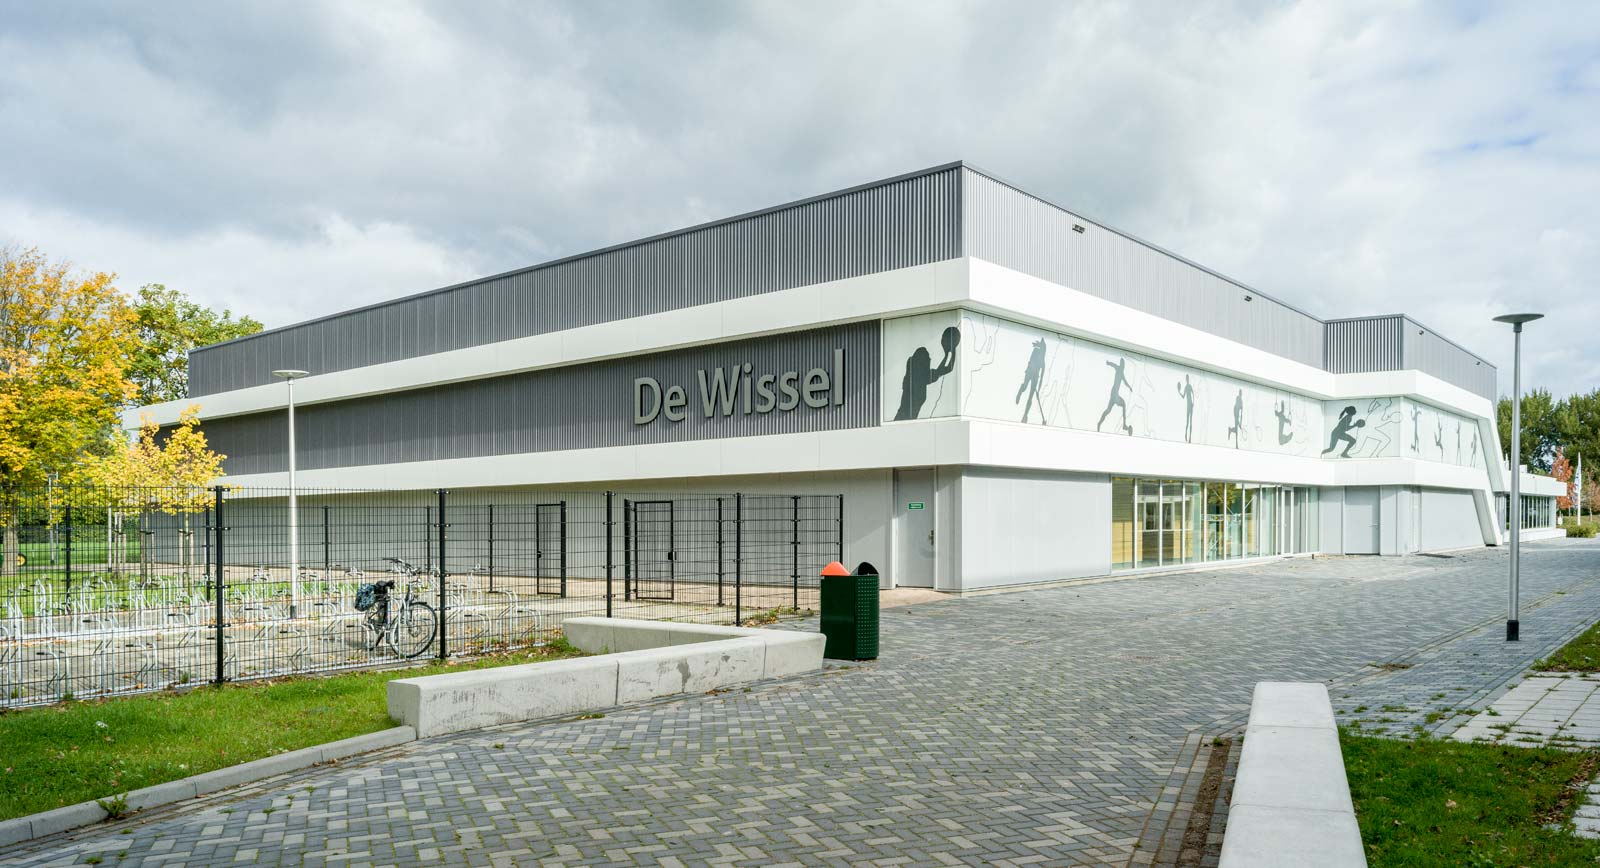 Energieneutrale Sporthal De Wissel Ridderkerk door Martinu voorzien van complete elektrische installatie